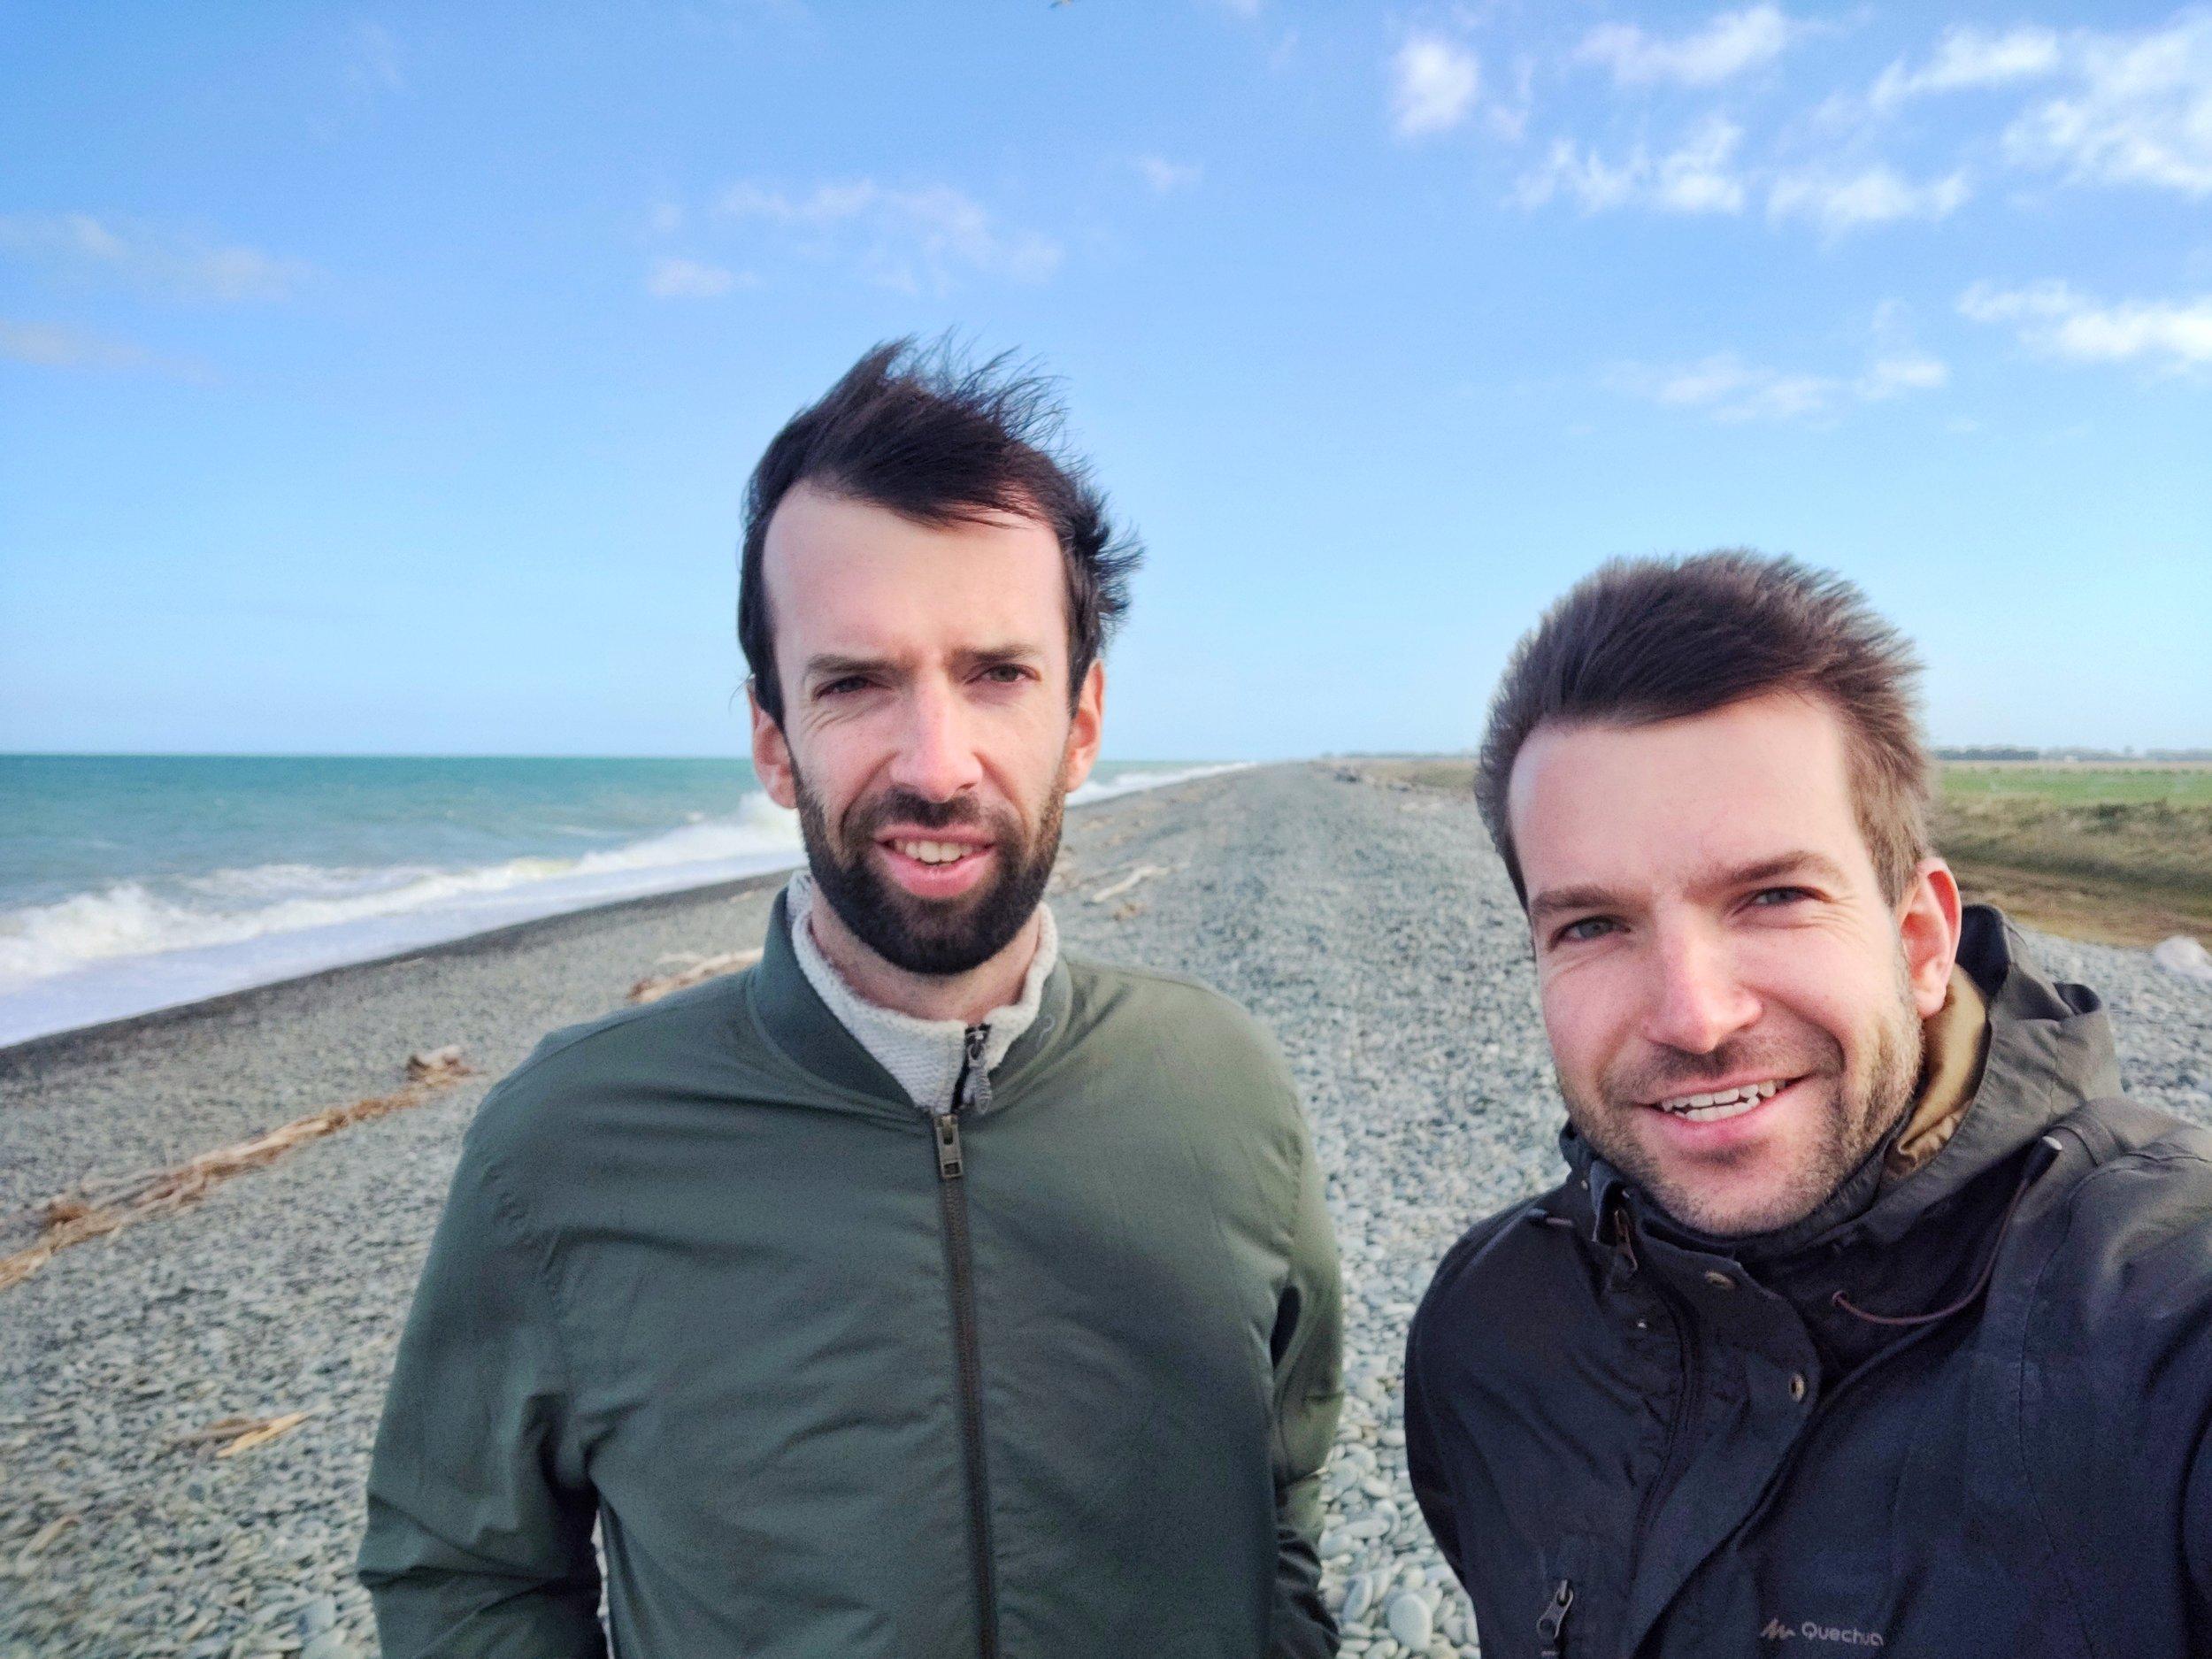 Myself and Christopher